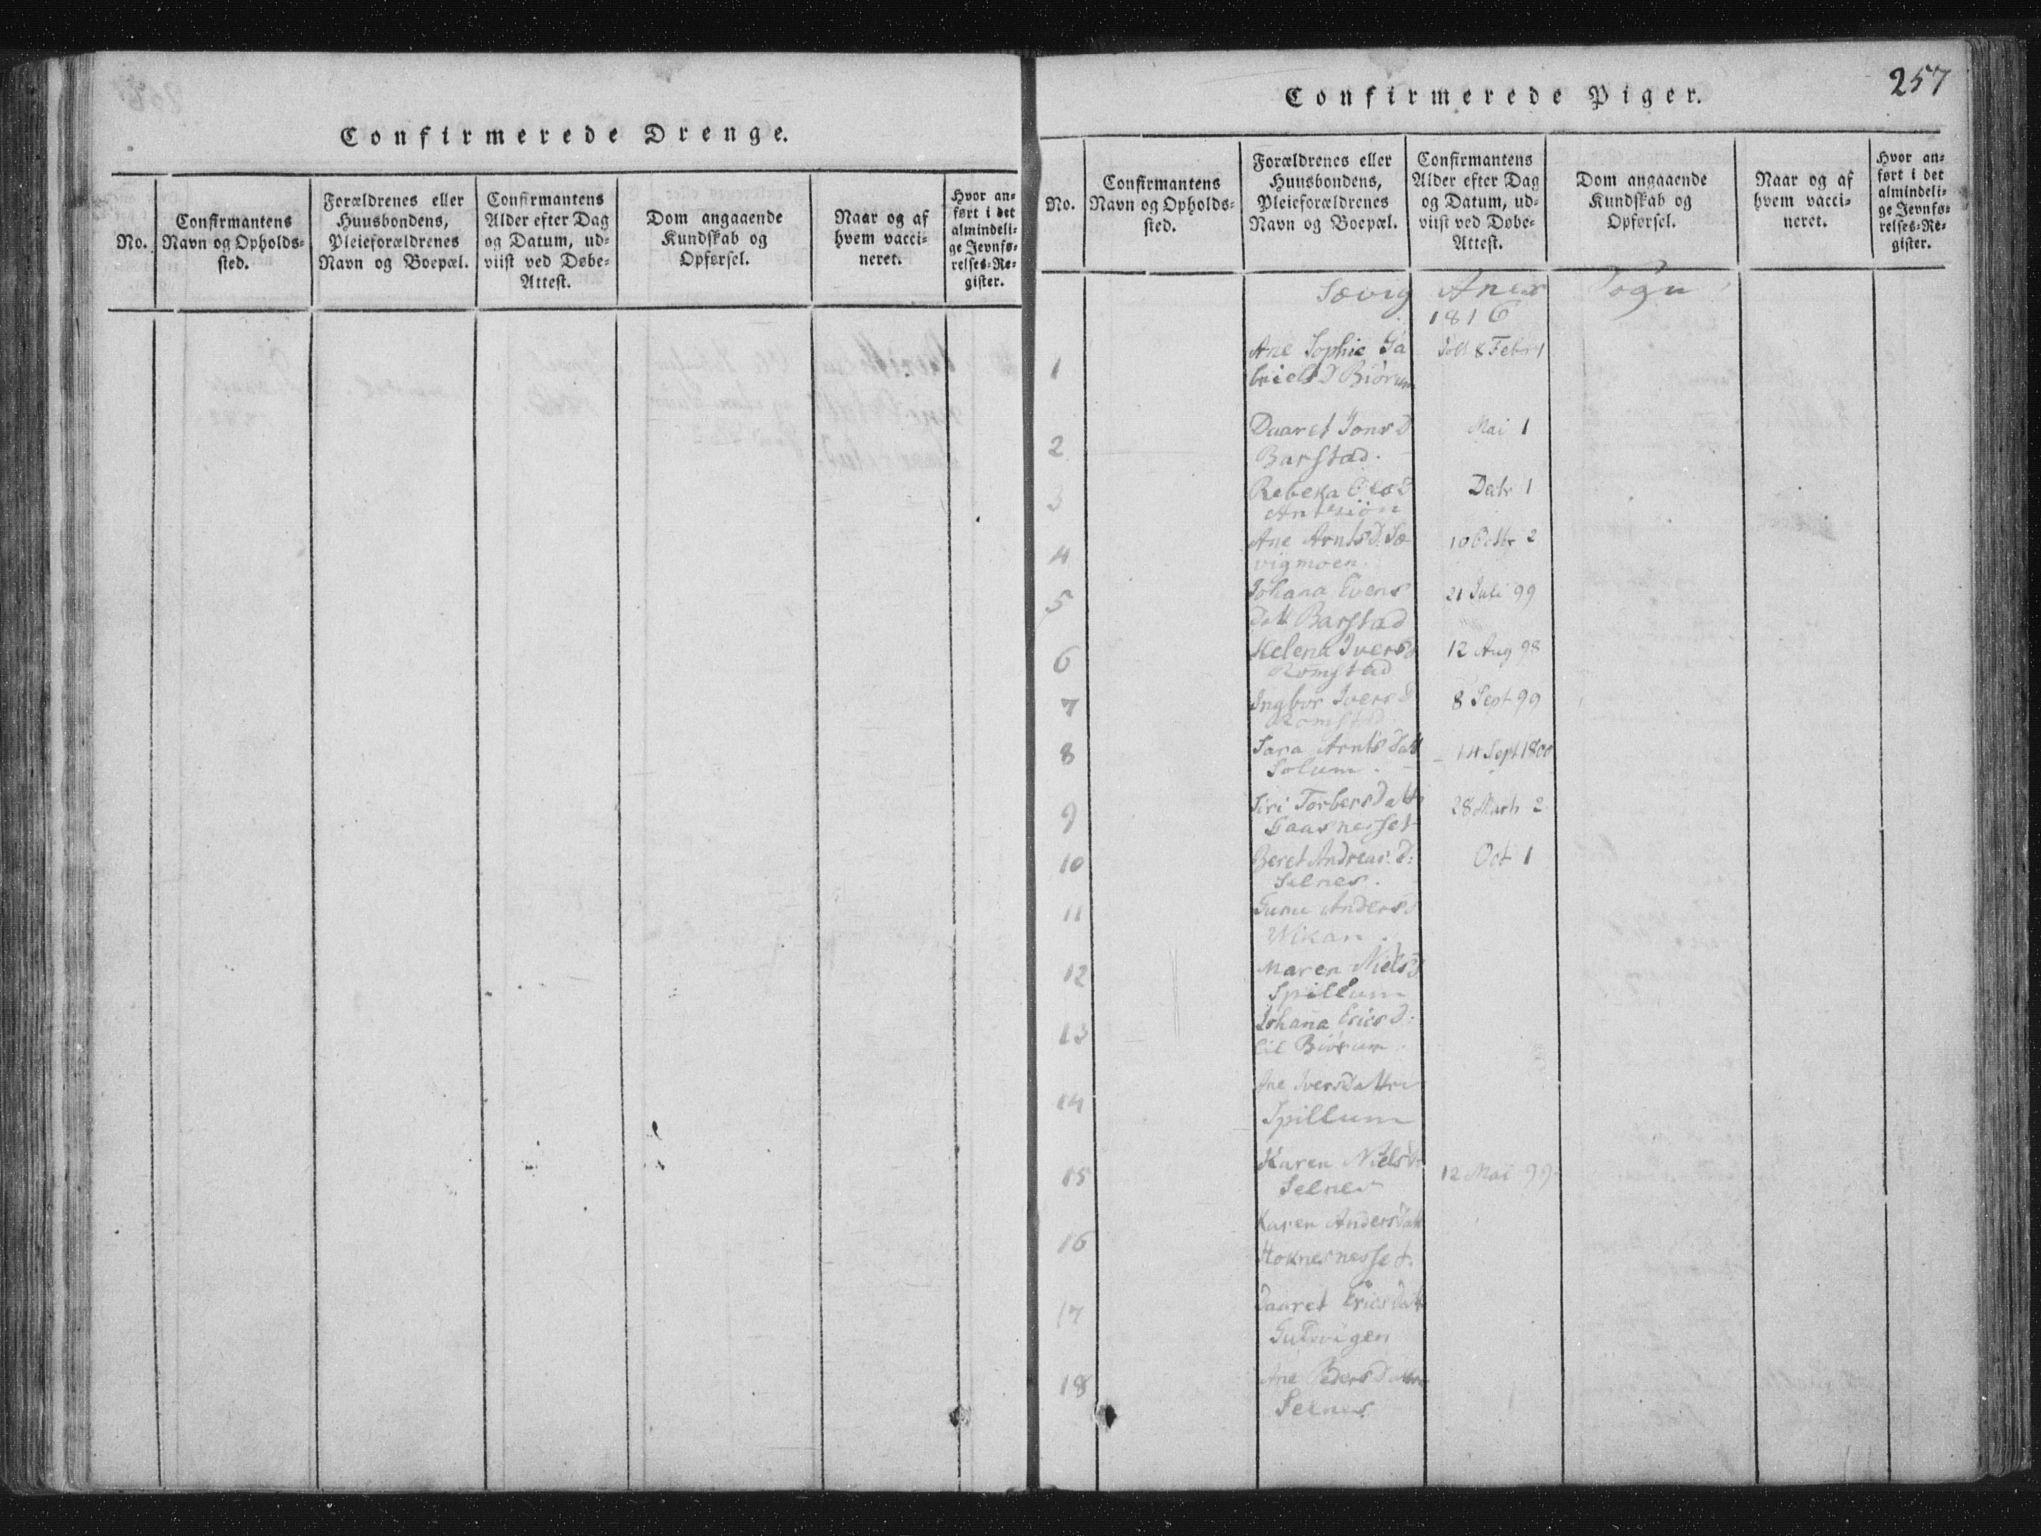 SAT, Ministerialprotokoller, klokkerbøker og fødselsregistre - Nord-Trøndelag, 773/L0609: Ministerialbok nr. 773A03 /4, 1815-1818, s. 257